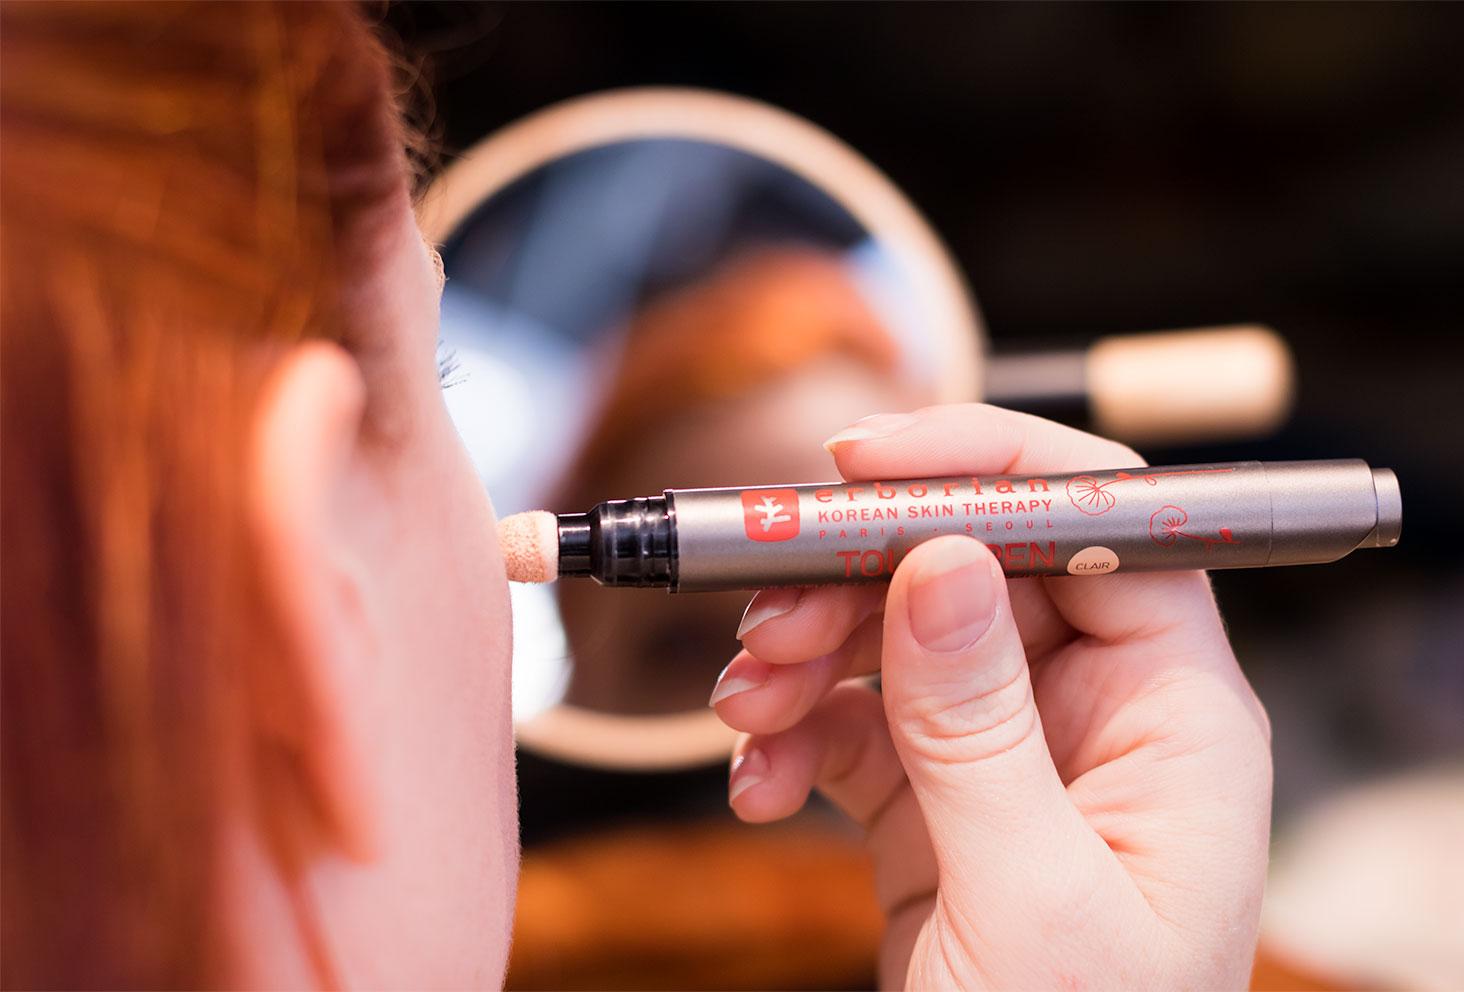 Zoom sur l'embout en mousse du Touch pen par Erborian